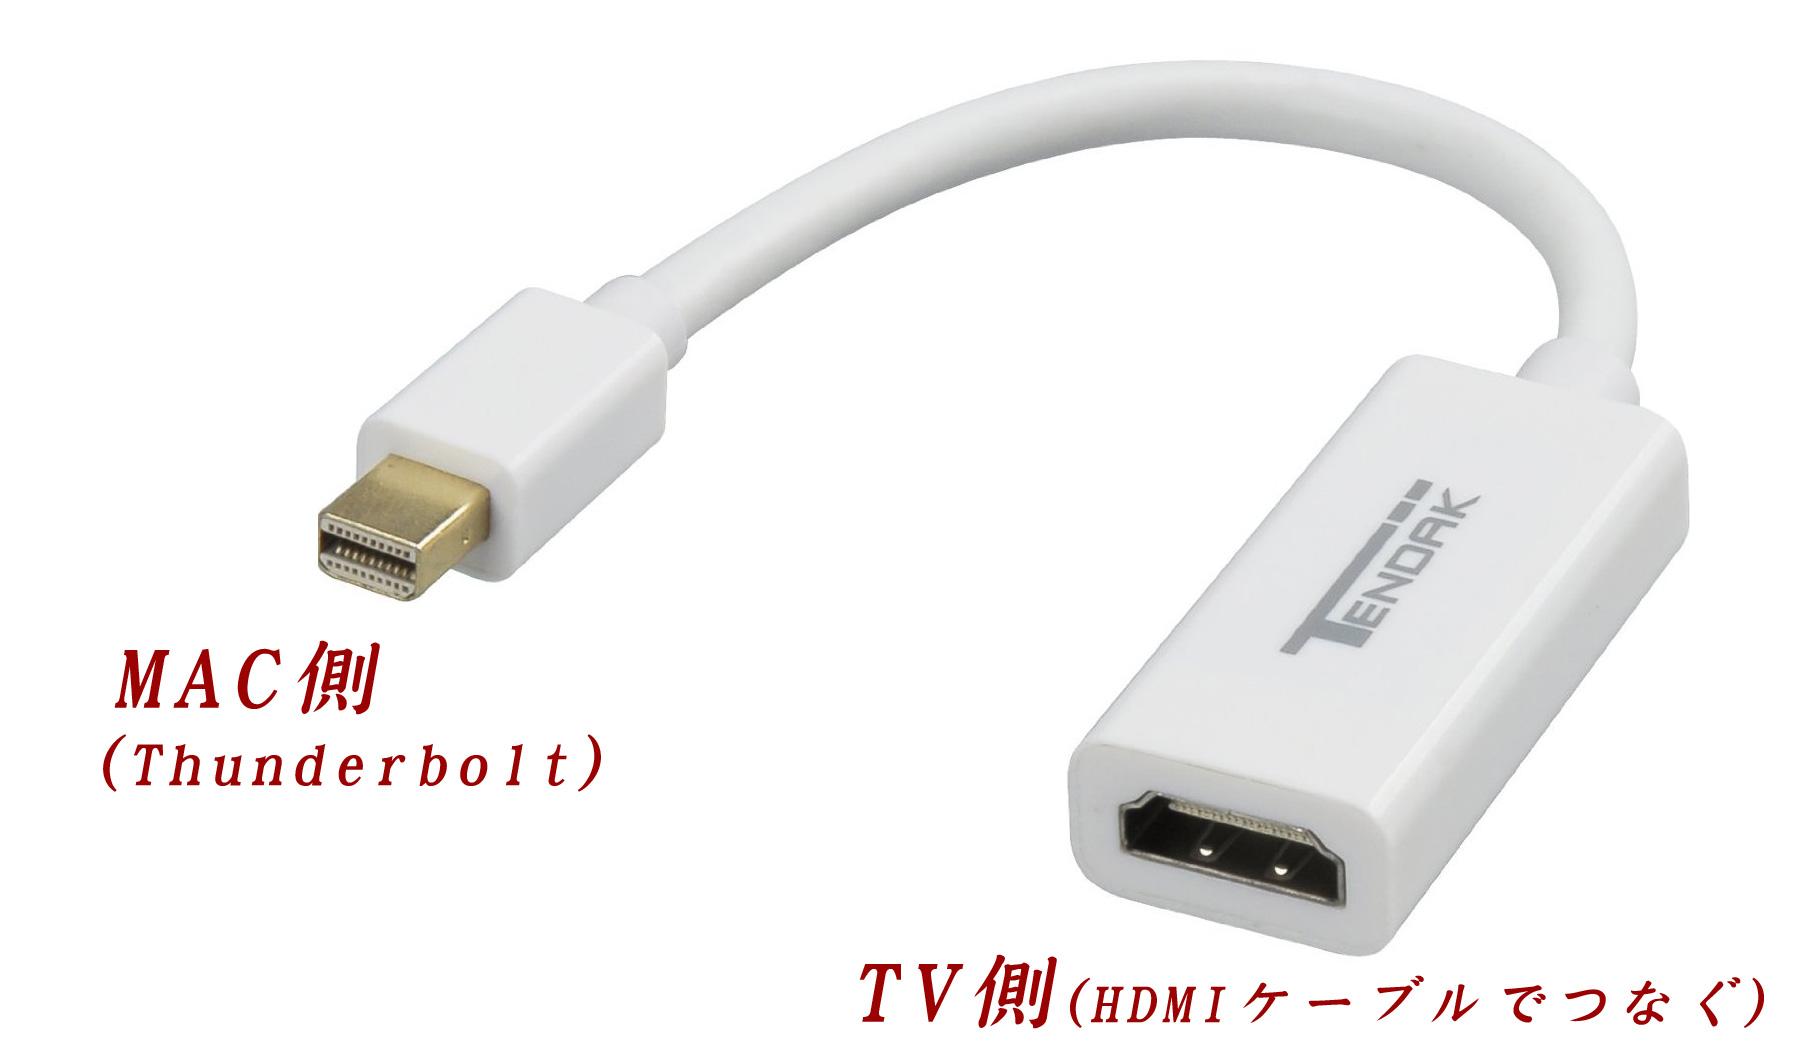 macをテレビに接続する最も簡単な方法